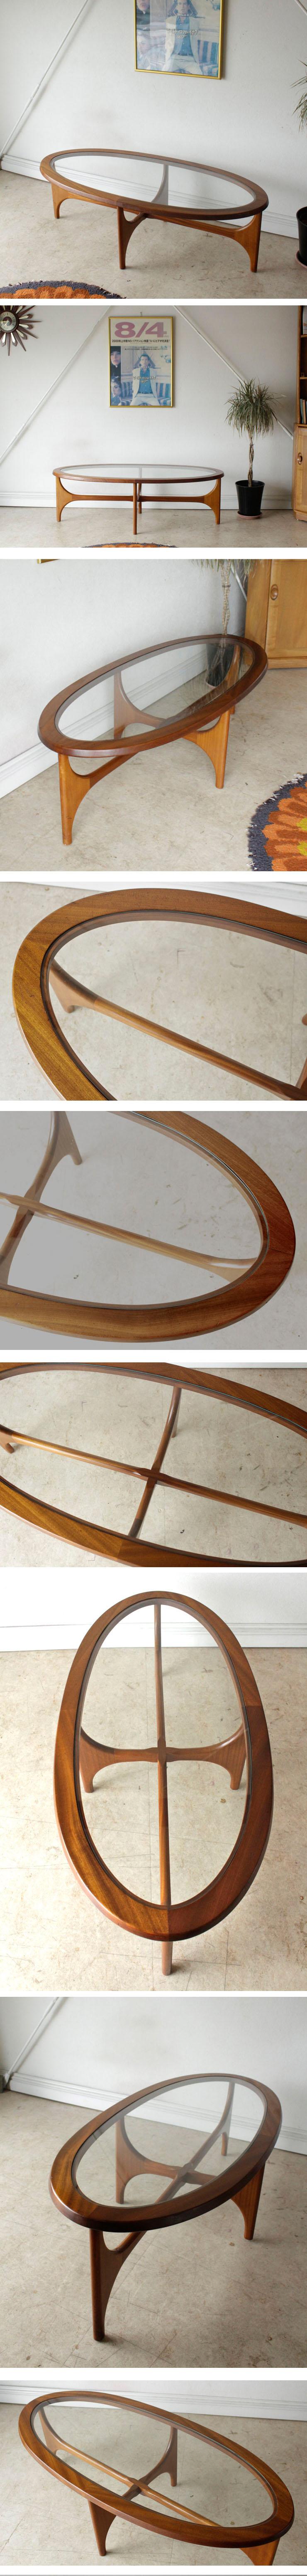 イギリス製・ストーンヒル・コーヒーテーブル・アンティーク・ビンテージ・北欧・ガラステーブル